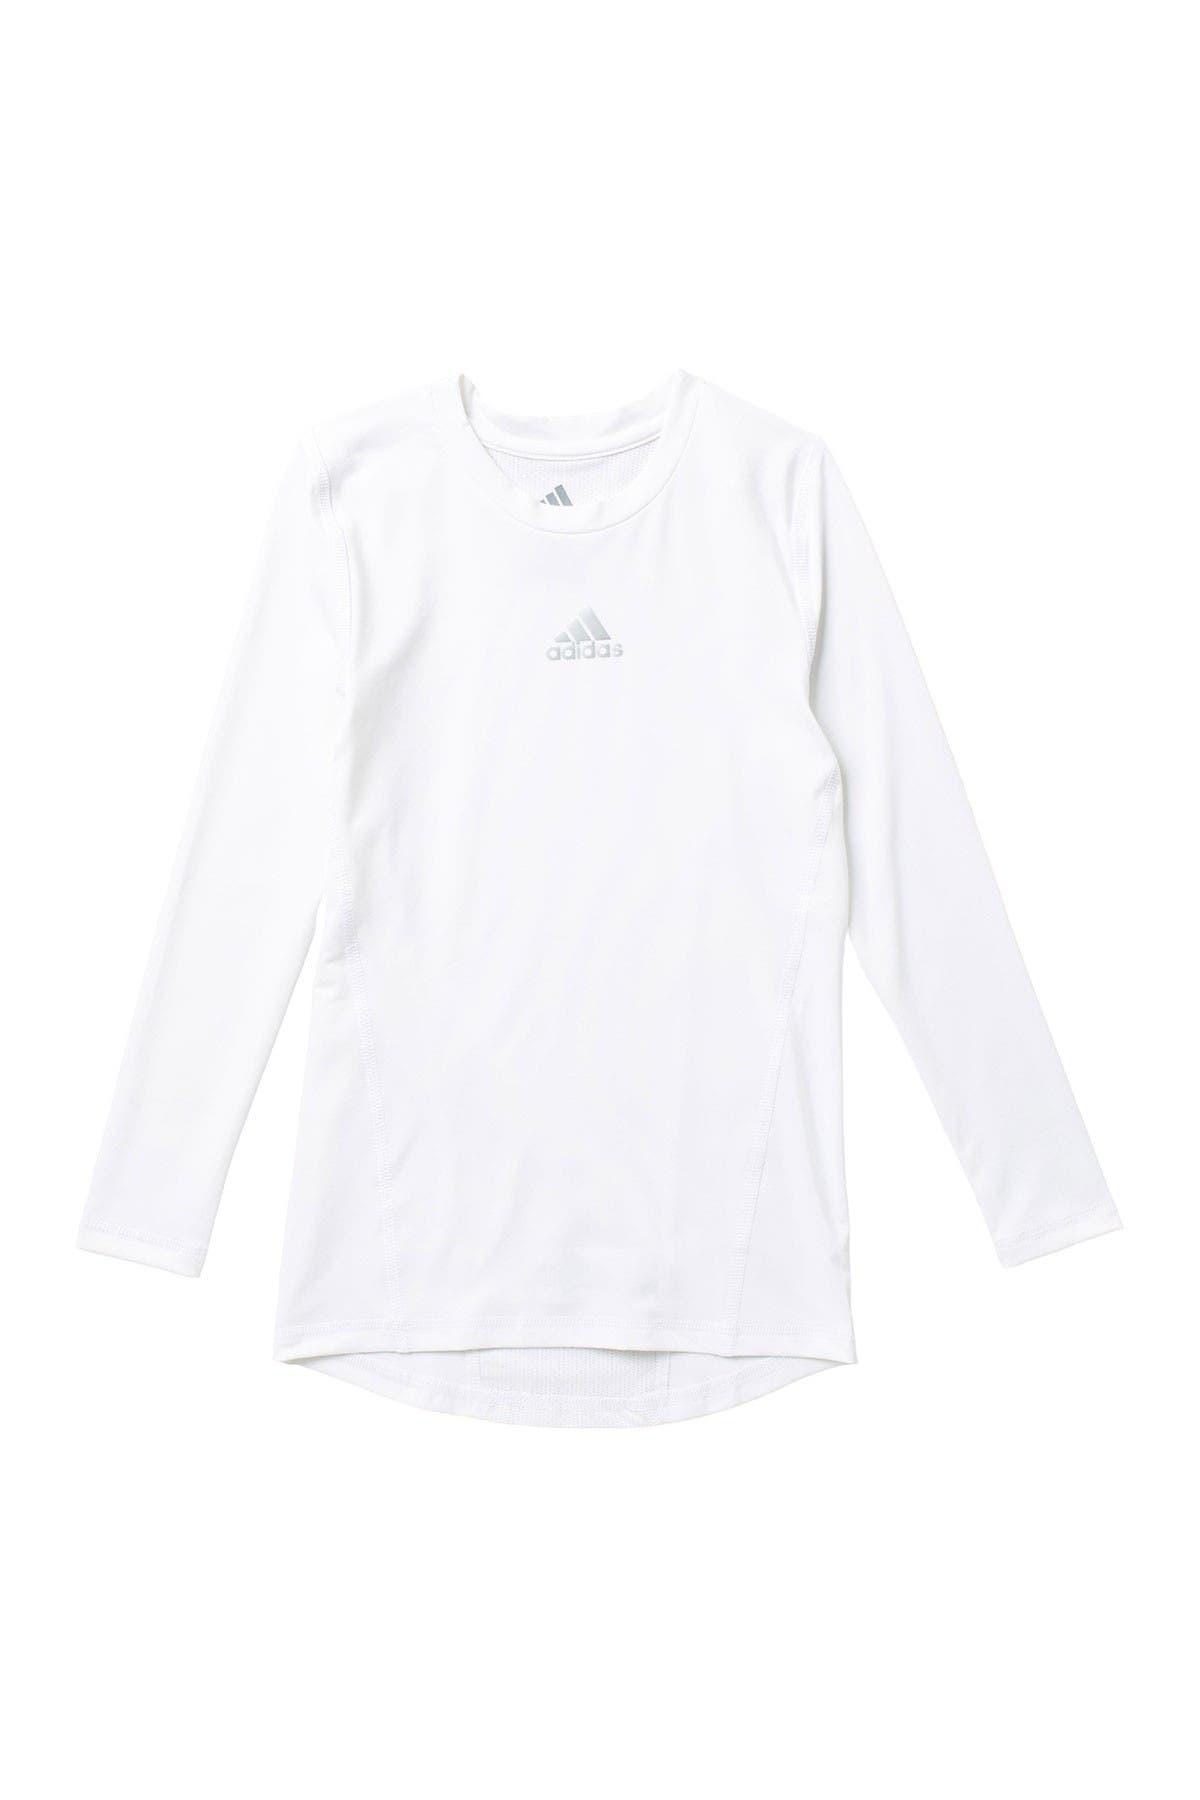 Image of adidas Alphaskin Base Layer Long Sleeve T-Shirt